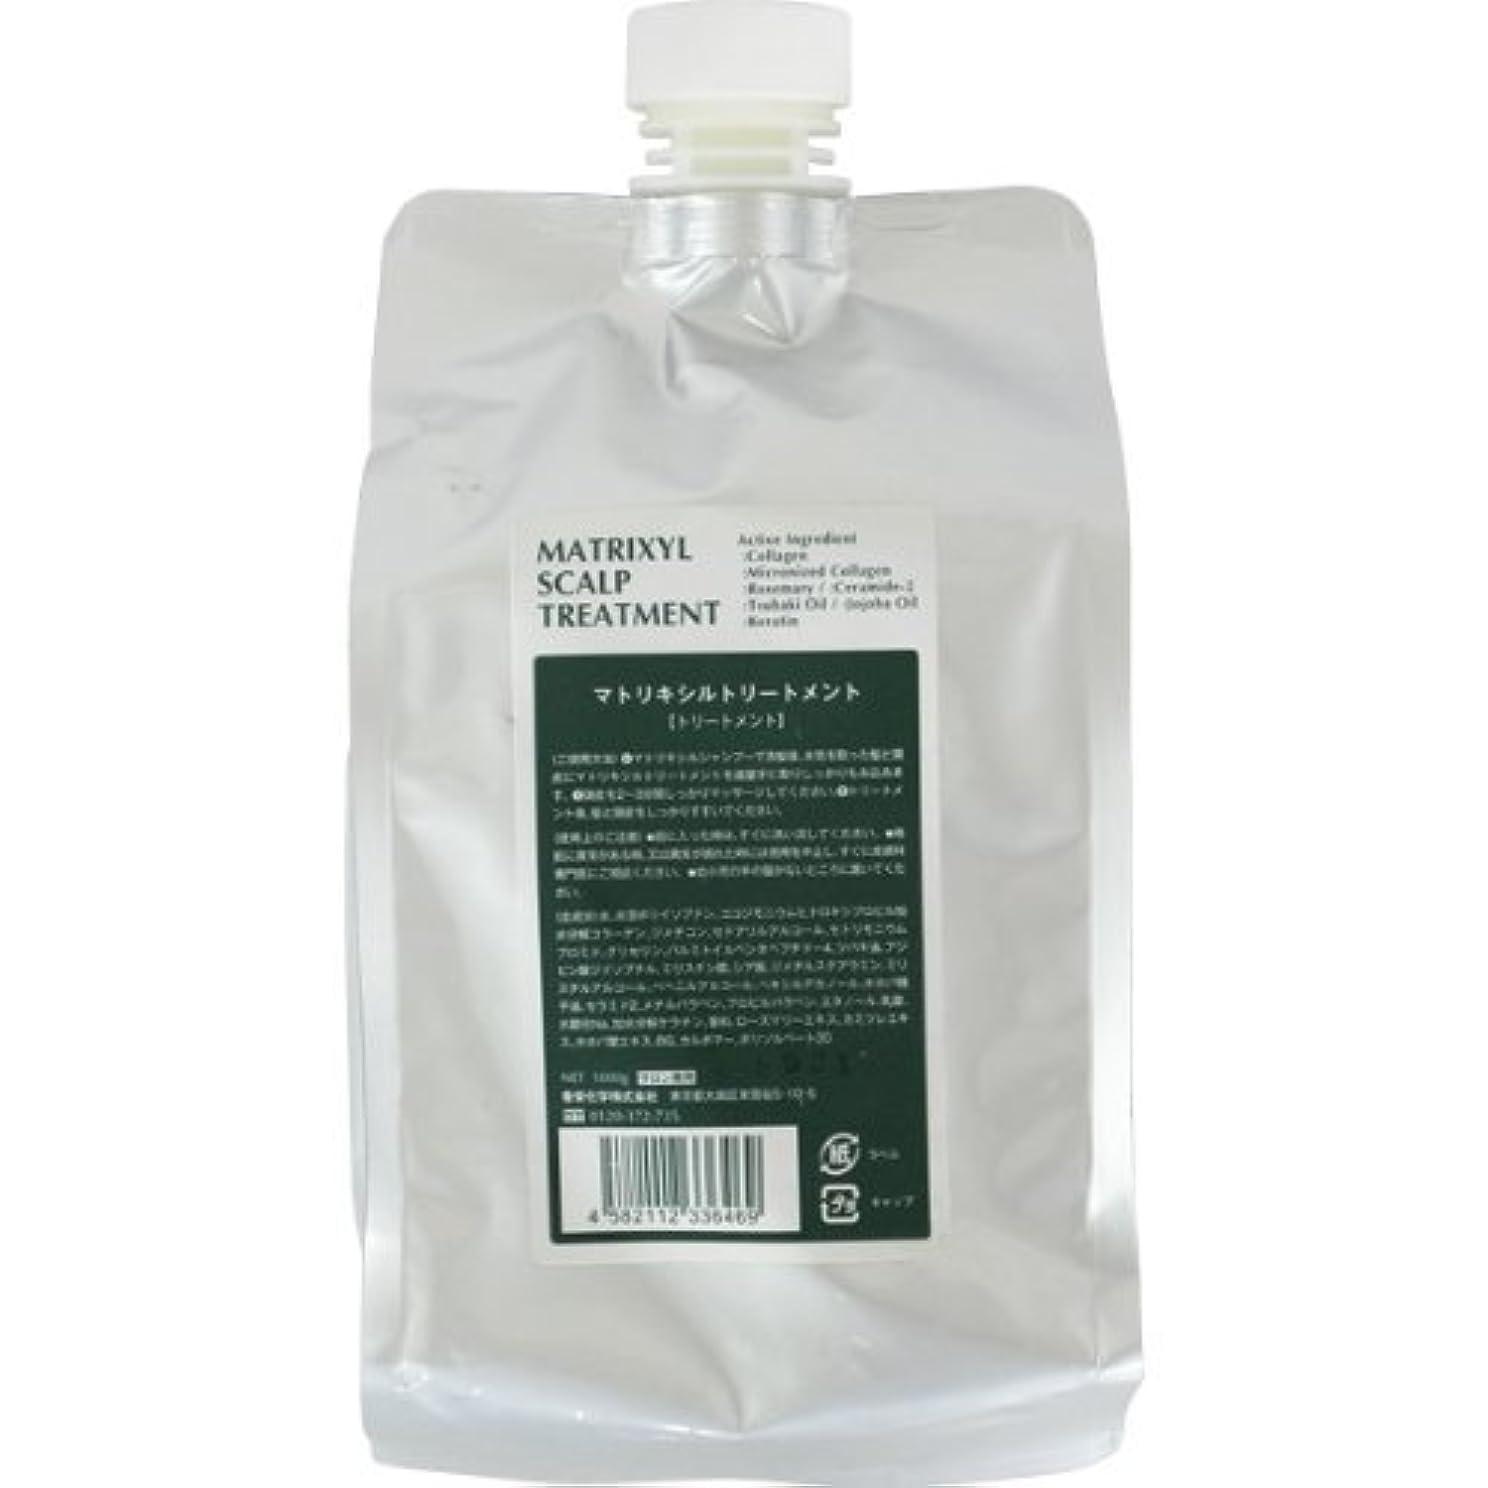 ファセットお気に入り見分ける香栄化学 マトリキシル スキャルプトリートメント レフィル 1000g